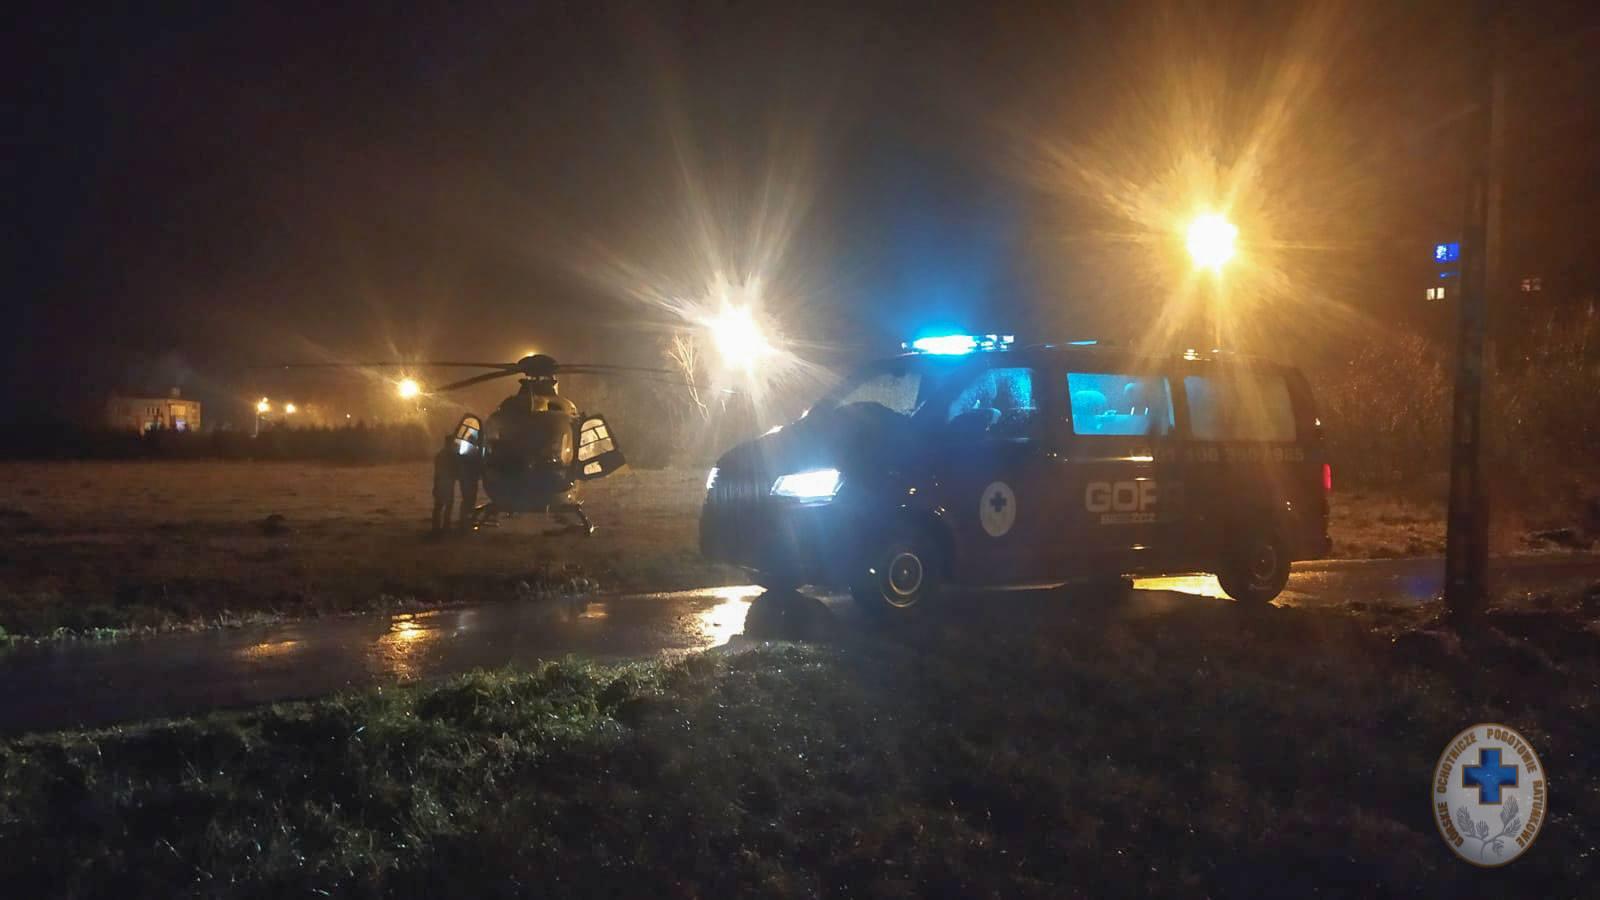 Ratownicy GOPR ruszyli na pomoc mężczyźnie. Śmigłowiec uziemiony - Zdjęcie główne